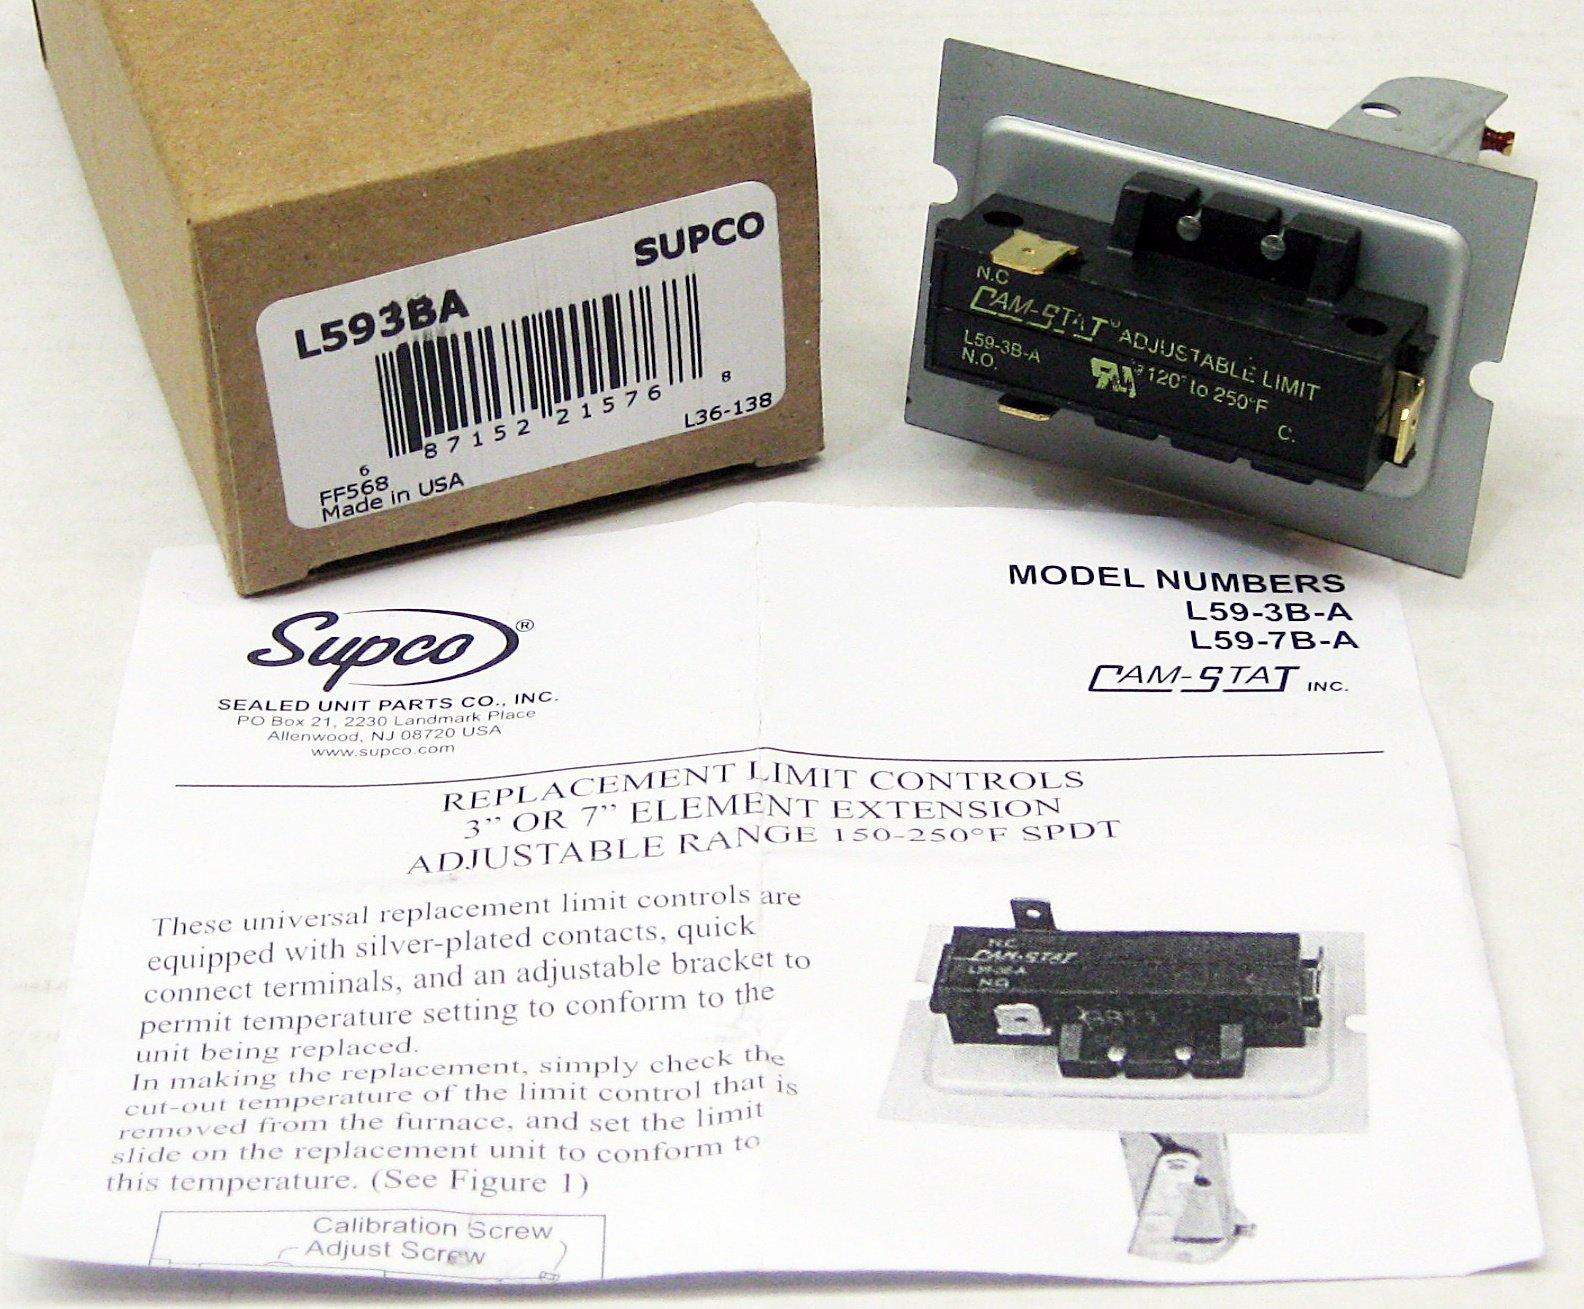 SUPCO L59-3B-A Limit Control, 120-250 Degrees F Limit Off Temperature, 3'' Length